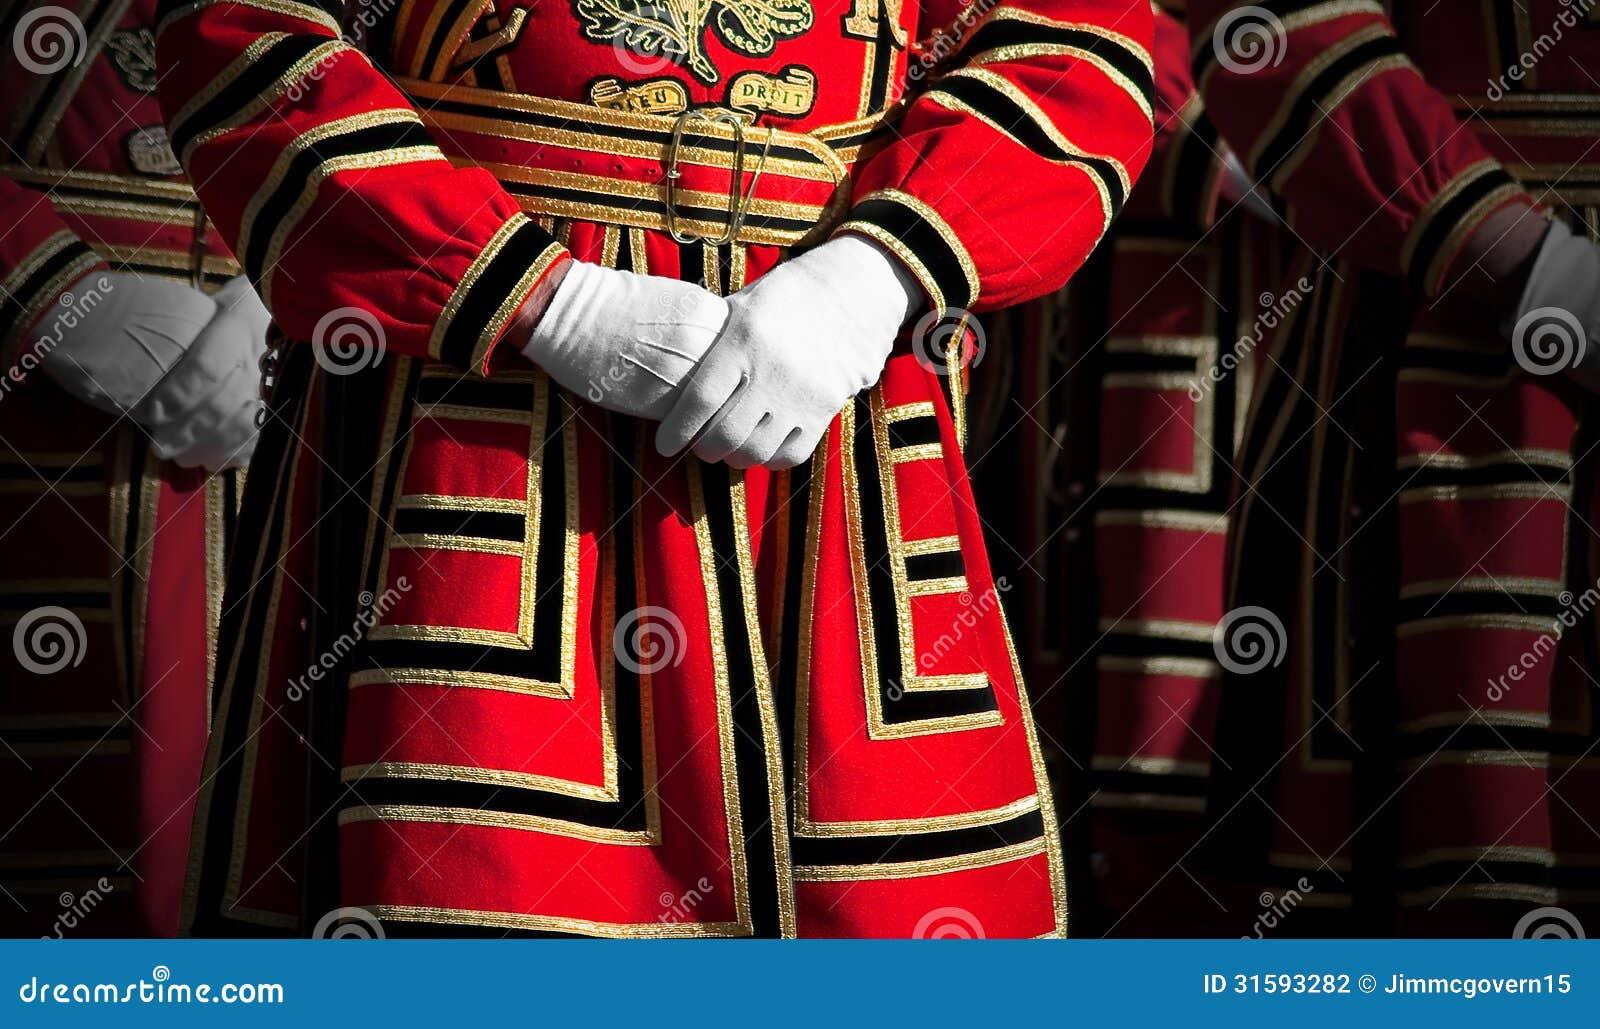 Kunglig vakt